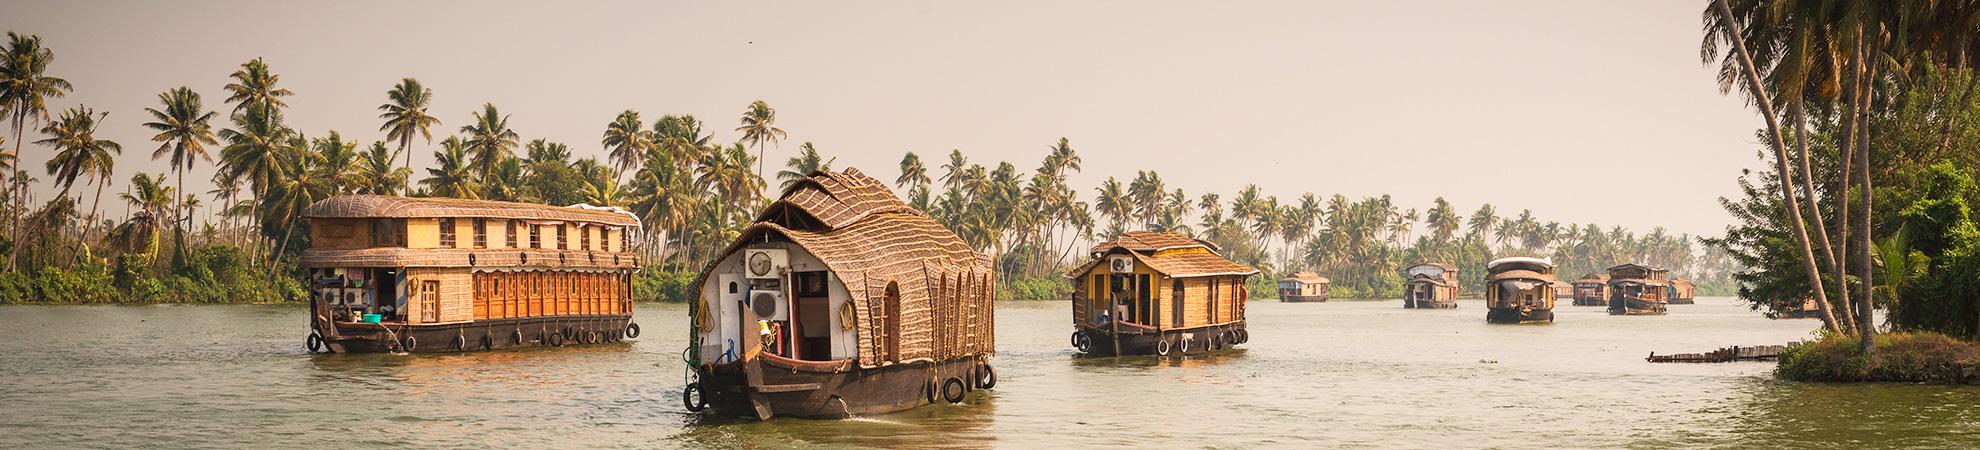 Top 10 des choses à faire lors d'un voyage au Kerala